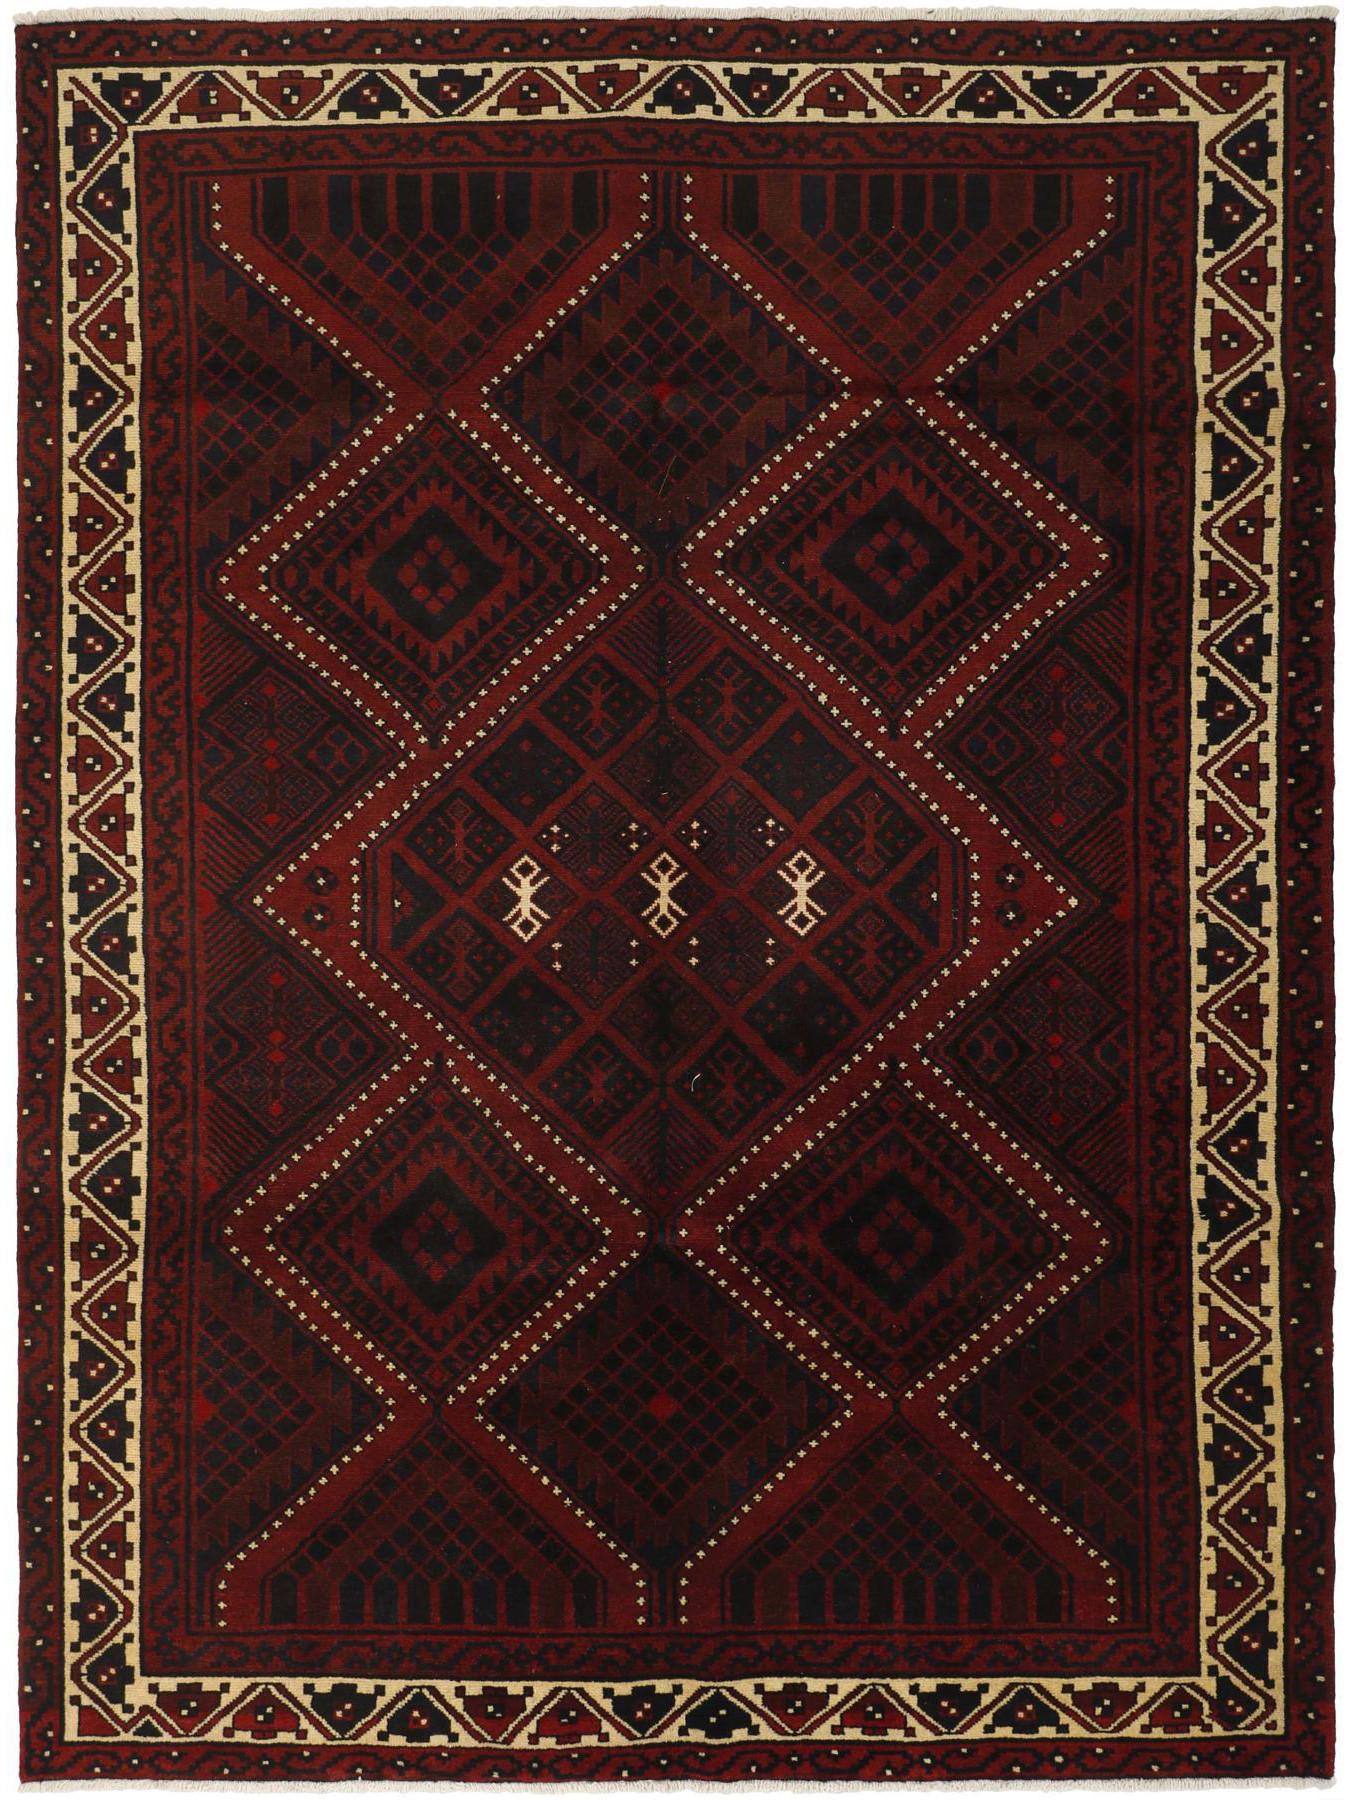 Perzische tapijten - Lori